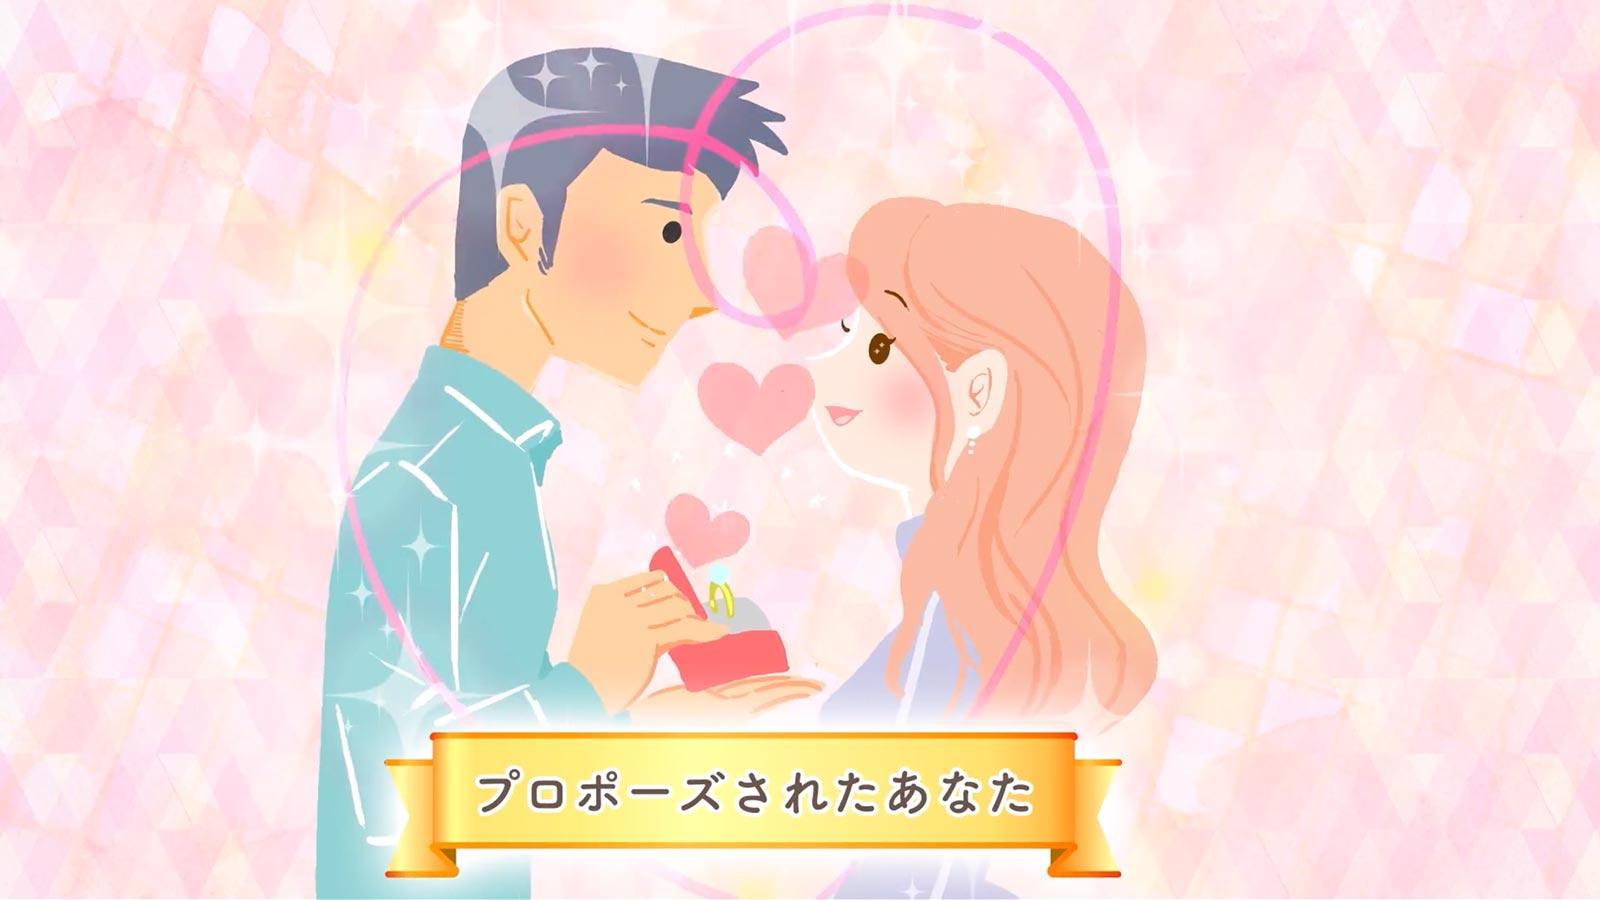 プロポーズされたあなた